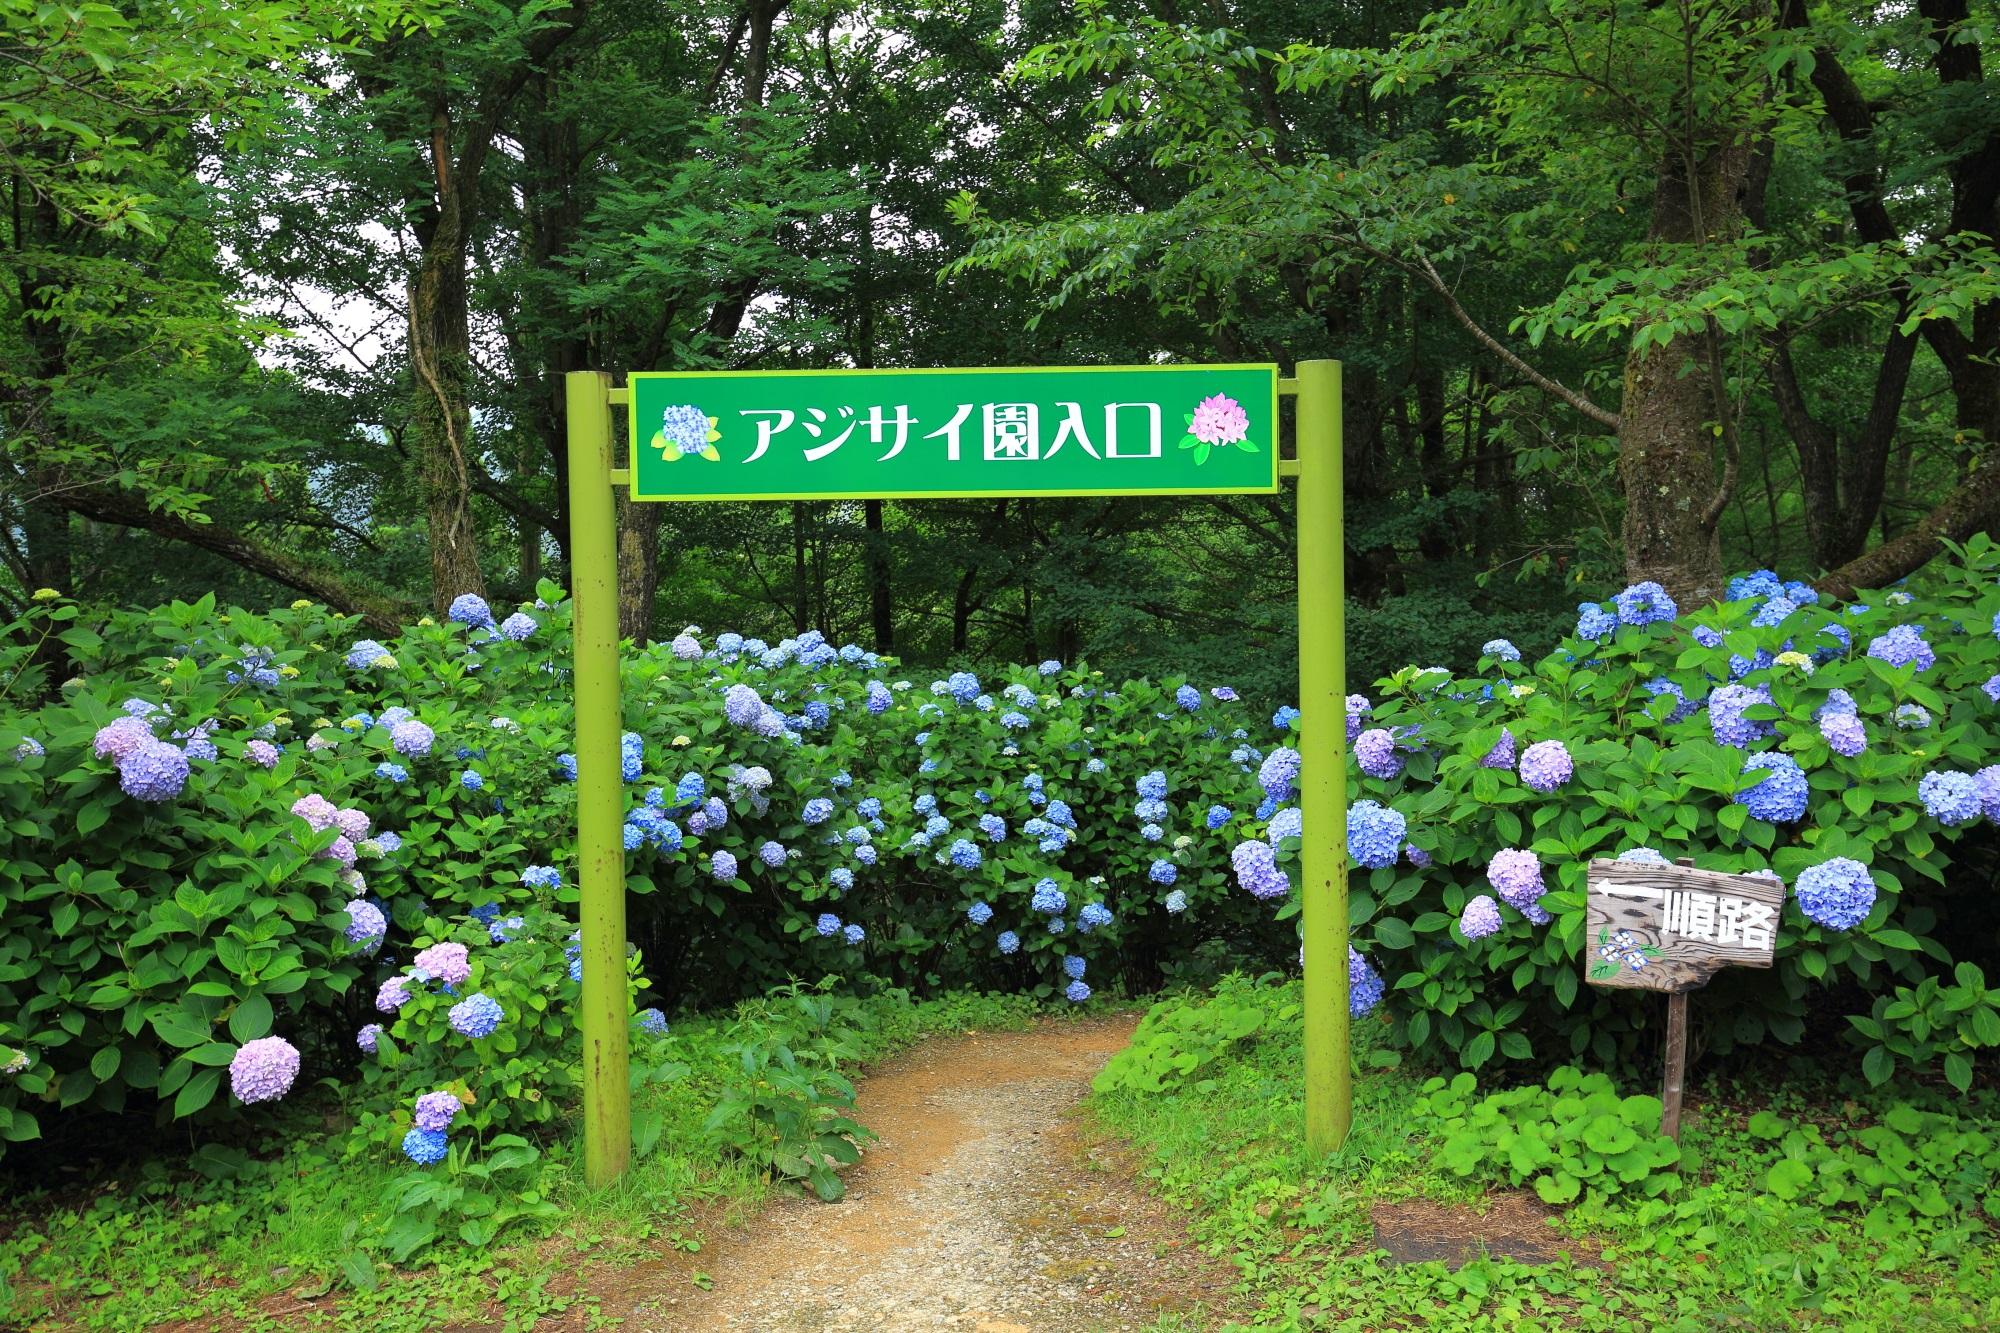 京都府舞鶴市の舞鶴自然文化園のアジサイ園